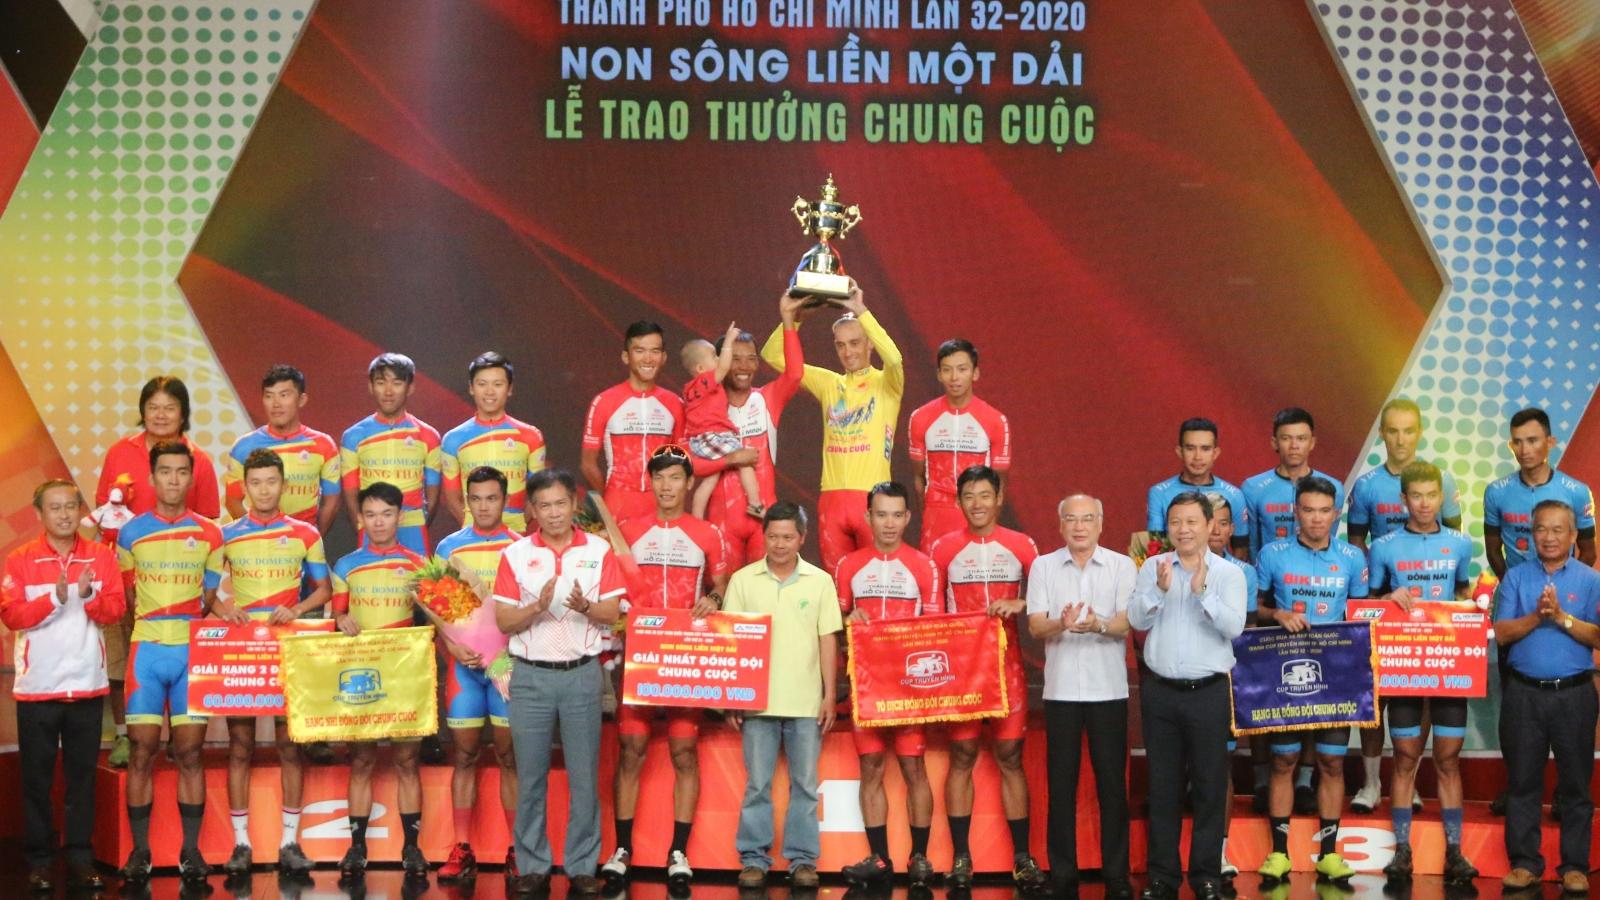 TPHCM thắng lớn ở giải đua xe đạp Cúp Truyền hình TPHCM 2020